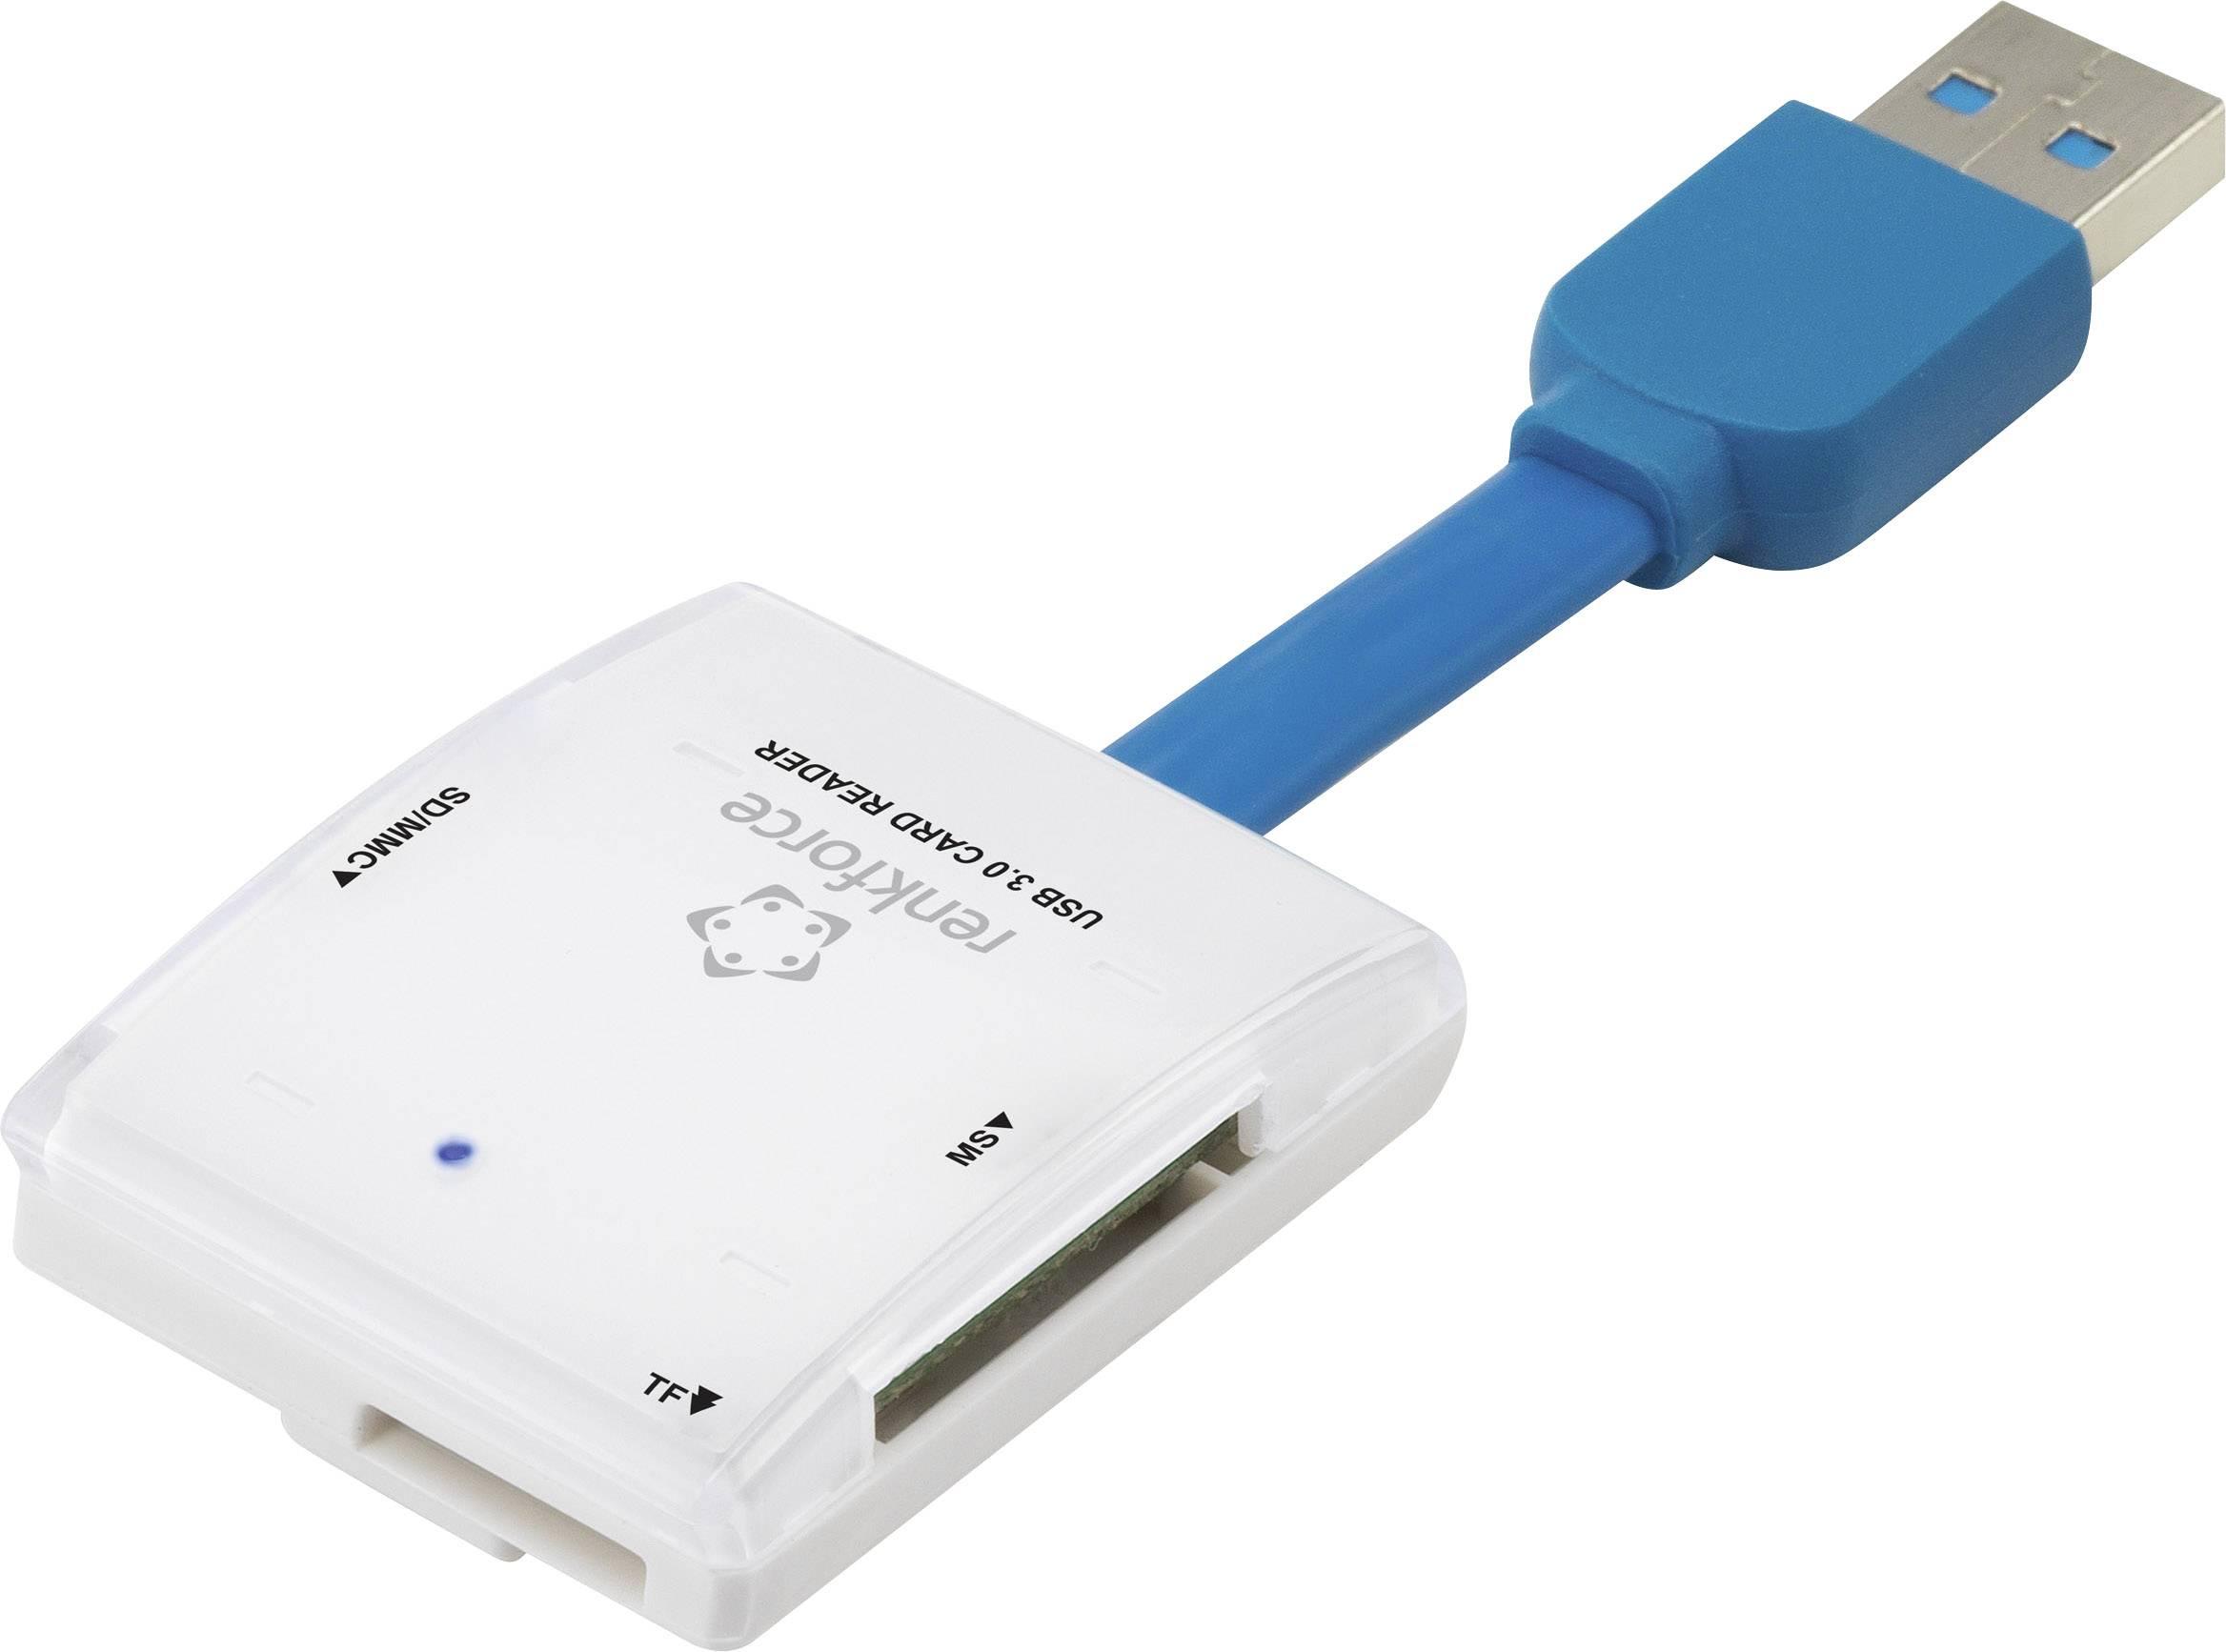 Externí čtečka paměťových karet Renkforce G-C3324, USB 3.0, bílá